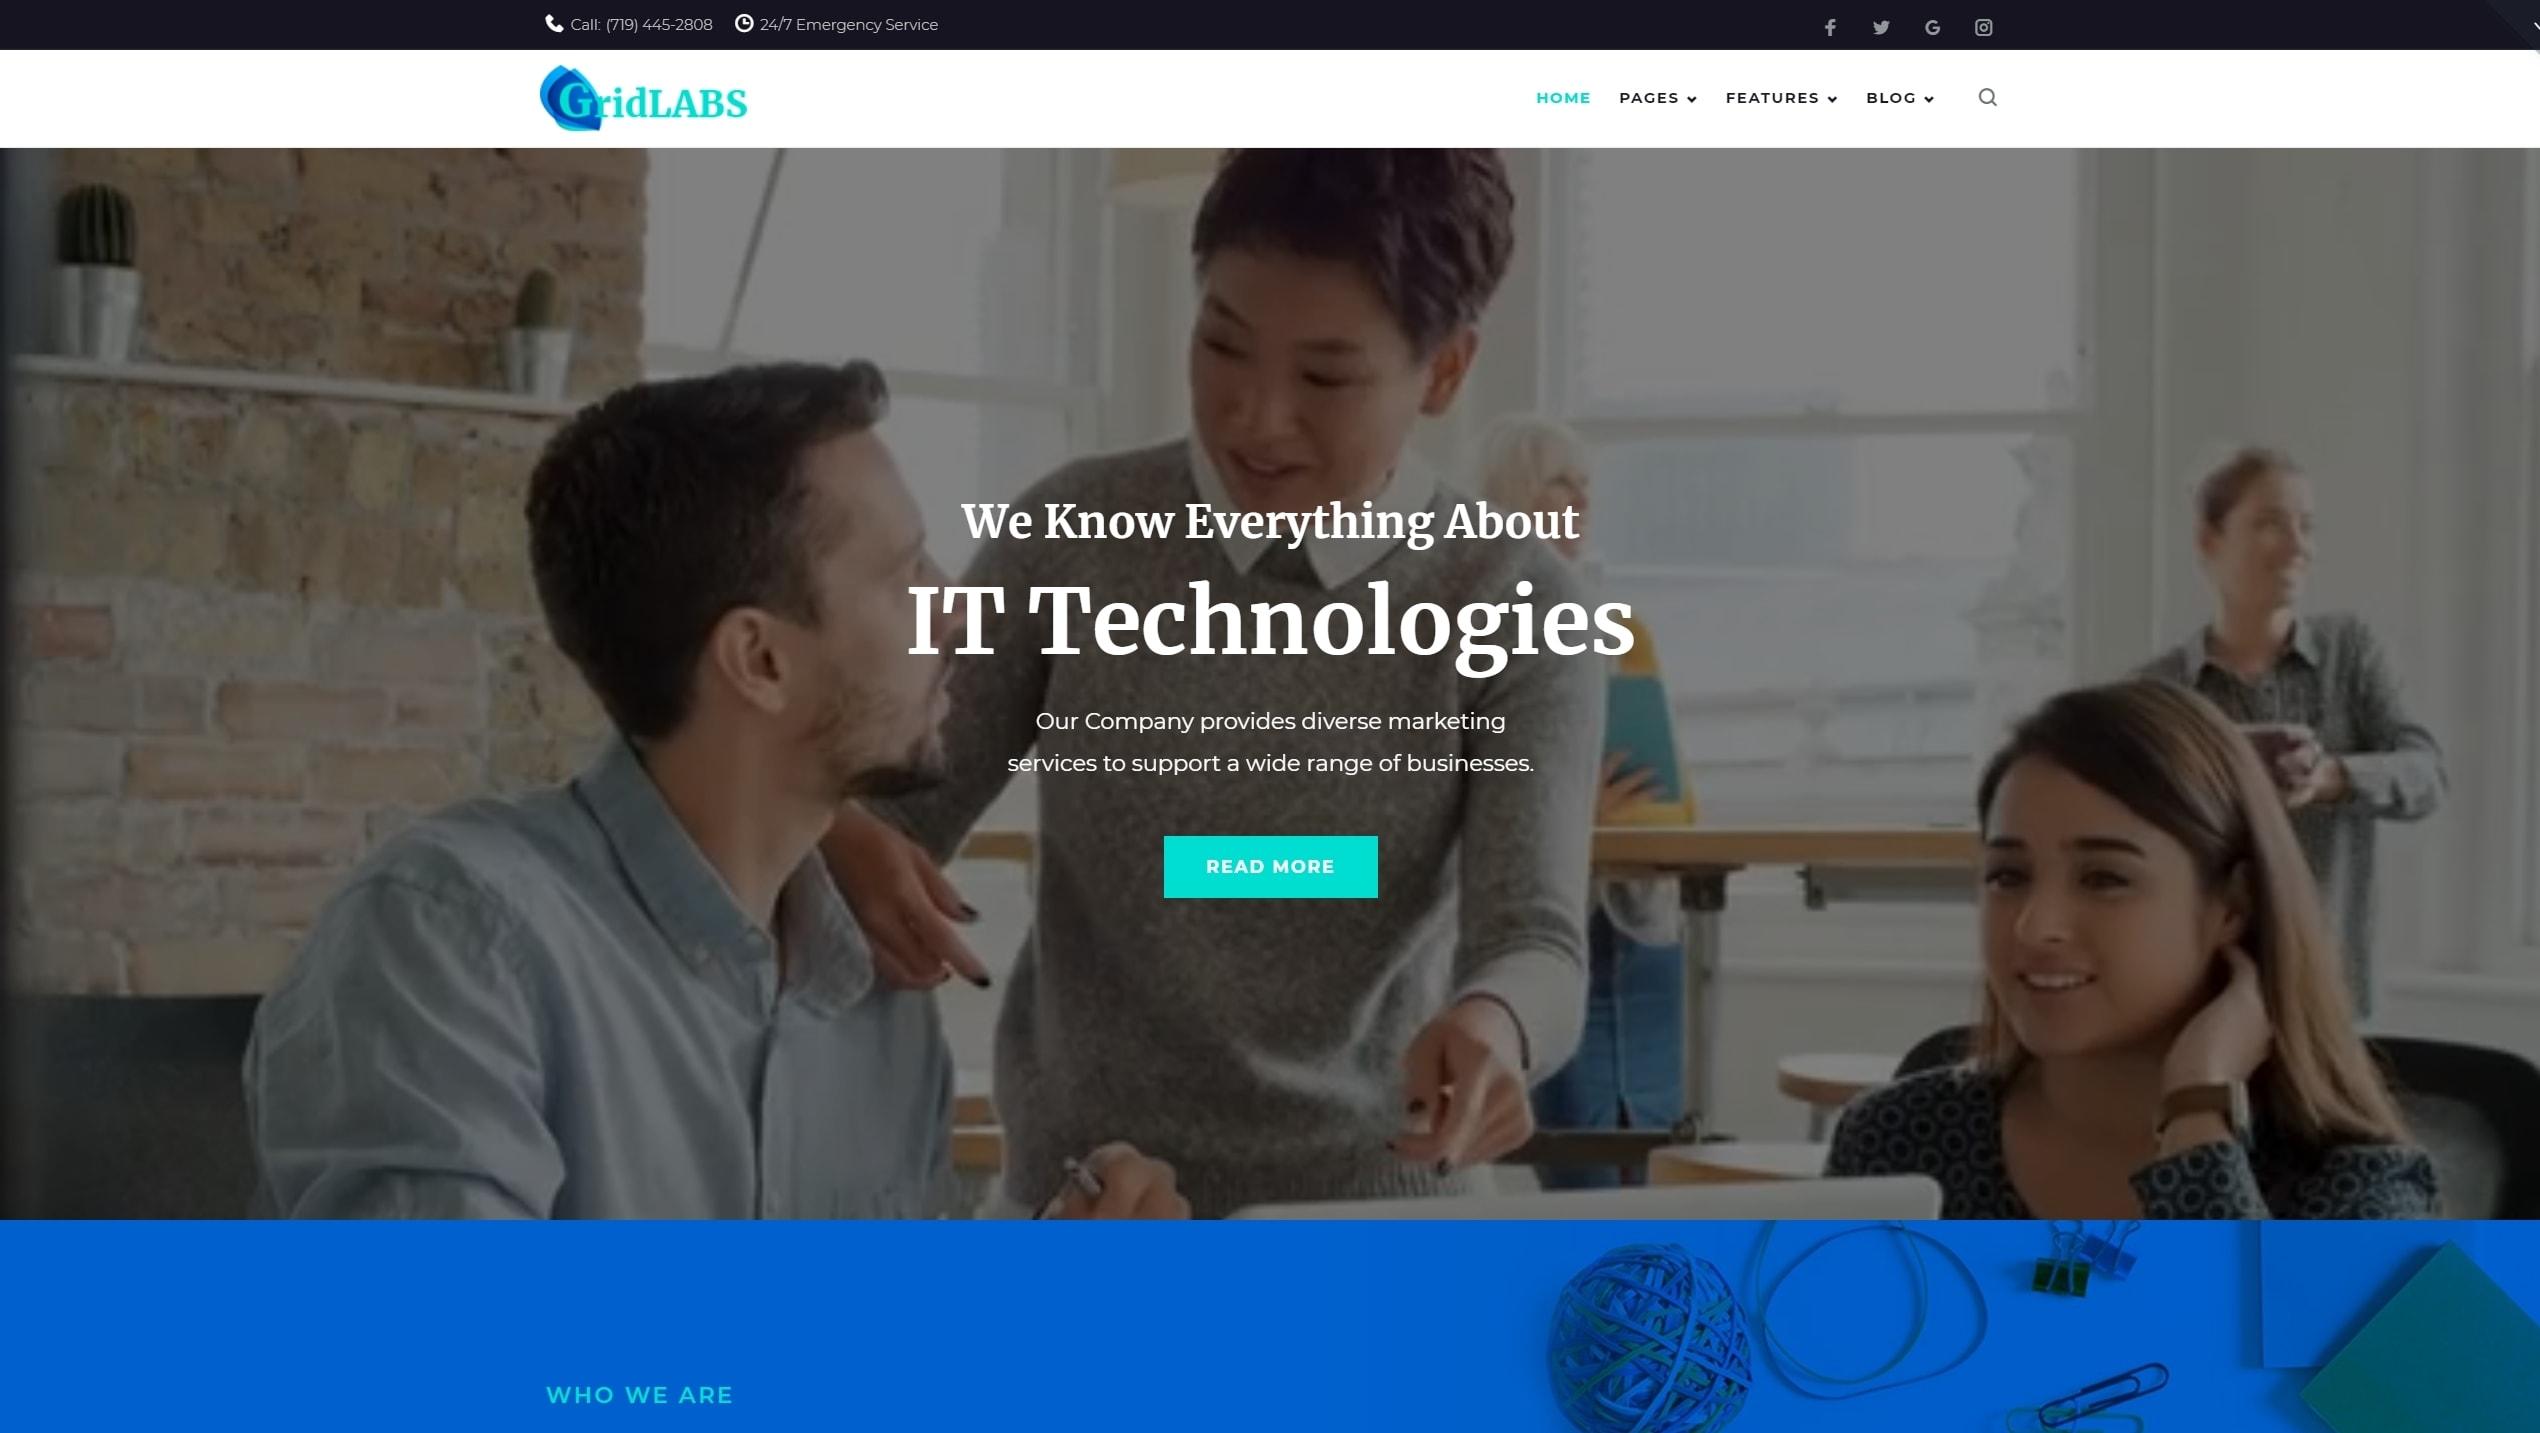 Композер Elementor — быстрый и доступный способ создания сайтов для бизнеса